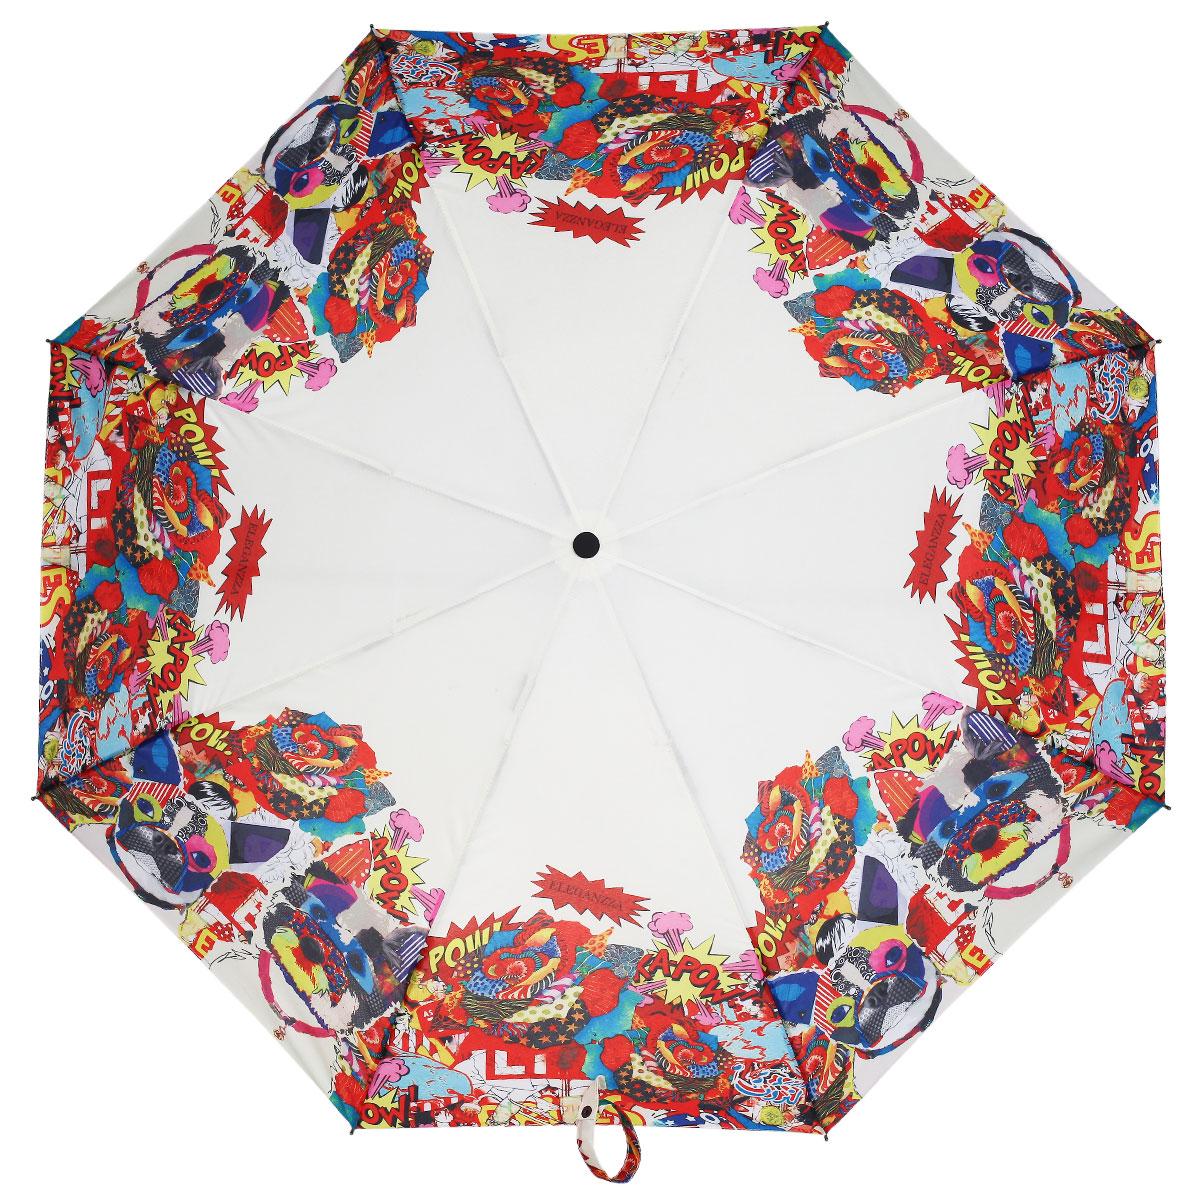 Зонт женский Eleganzza, автомат, 3 сложения, цвет: белый, красный. A3-05-0272 зонт женский isotoner гламурная вишня 3 сложения полный автомат цвет черный